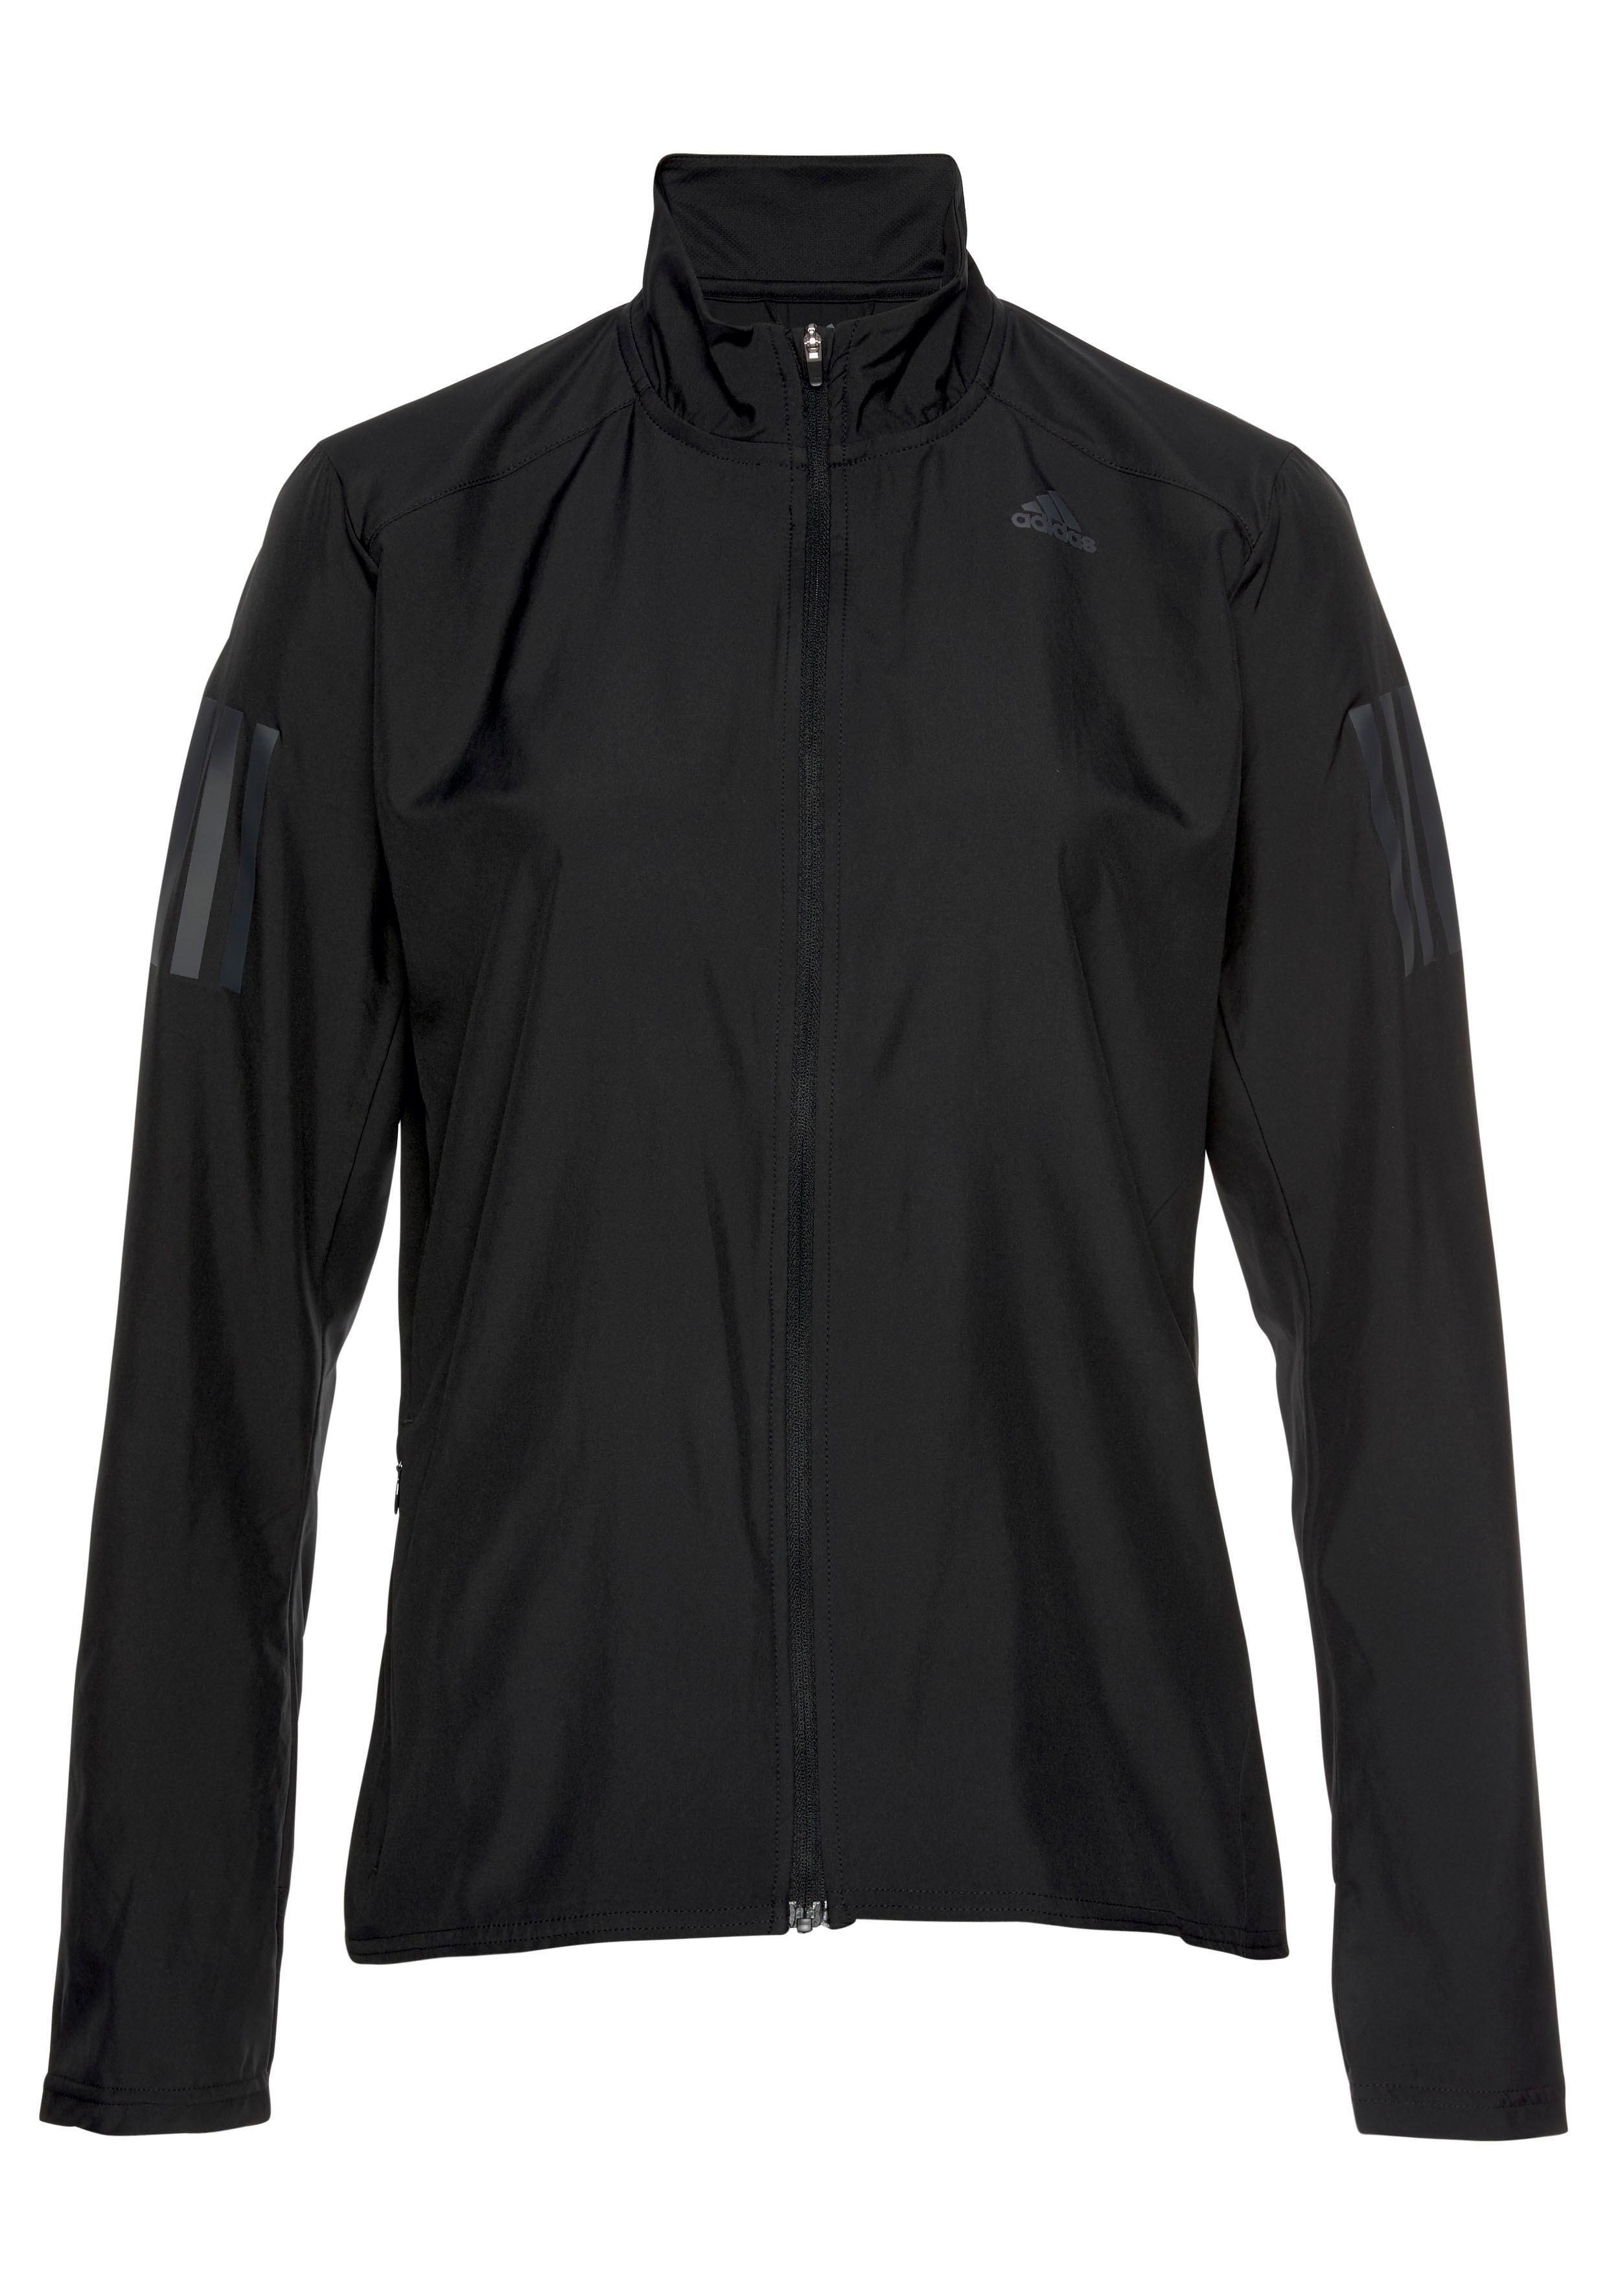 Runningjackresponse Adidas Bij Jacket Performance Bestellen fIYvmgb76y